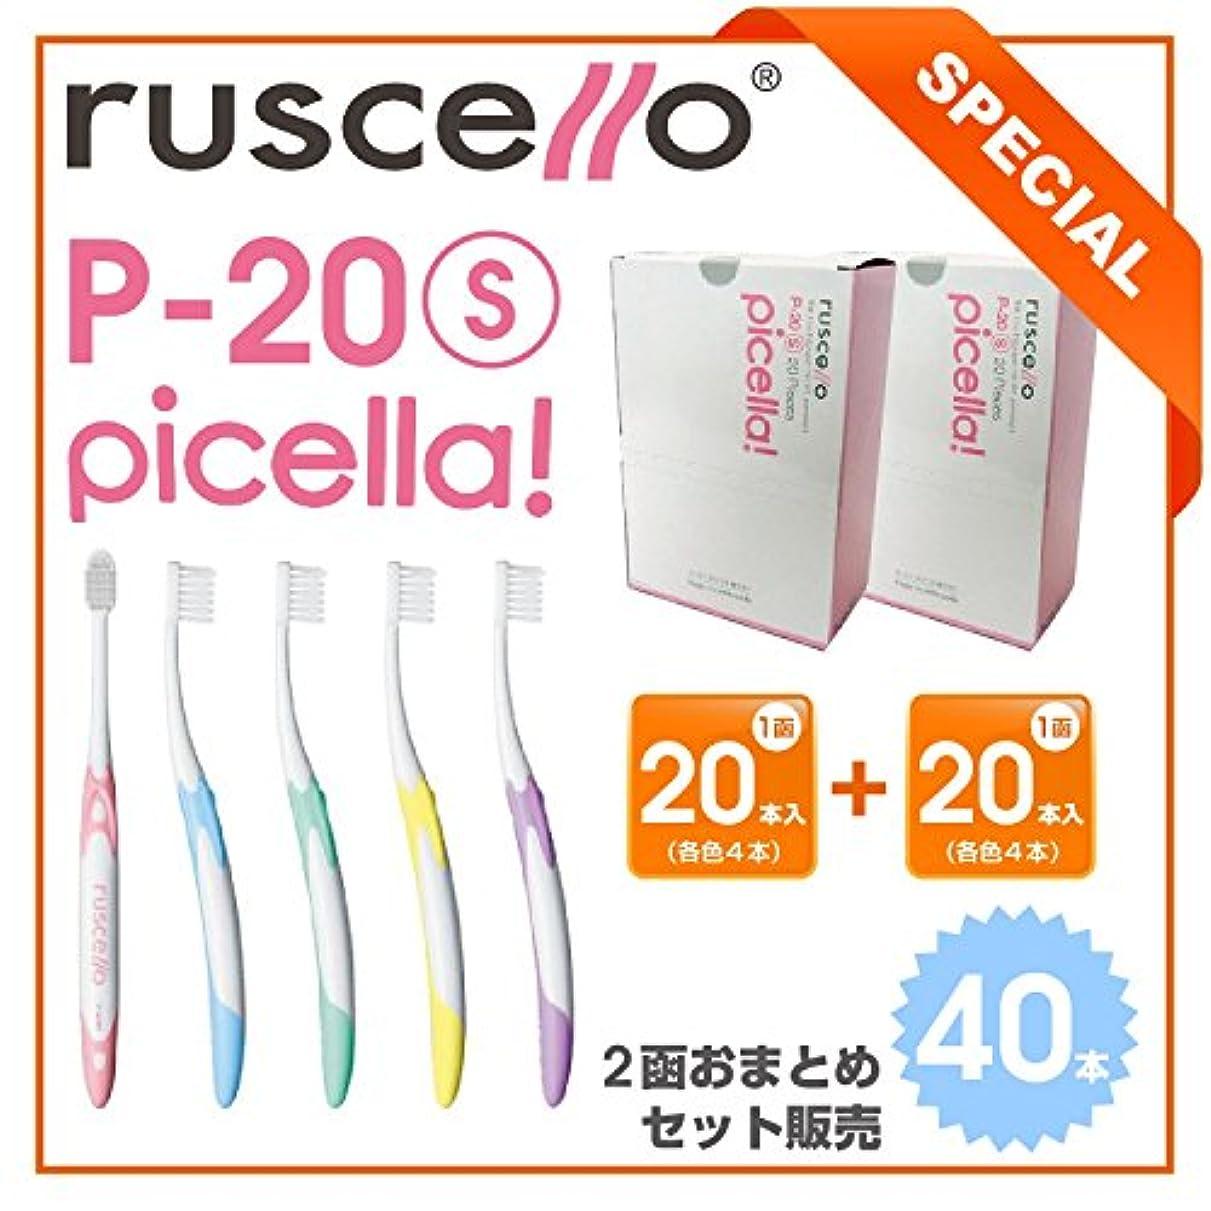 大胆な小売医療のGC ジーシー ルシェロ歯ブラシ<P-20>ピセラ S やわらかめ 1函20本入×2函セット